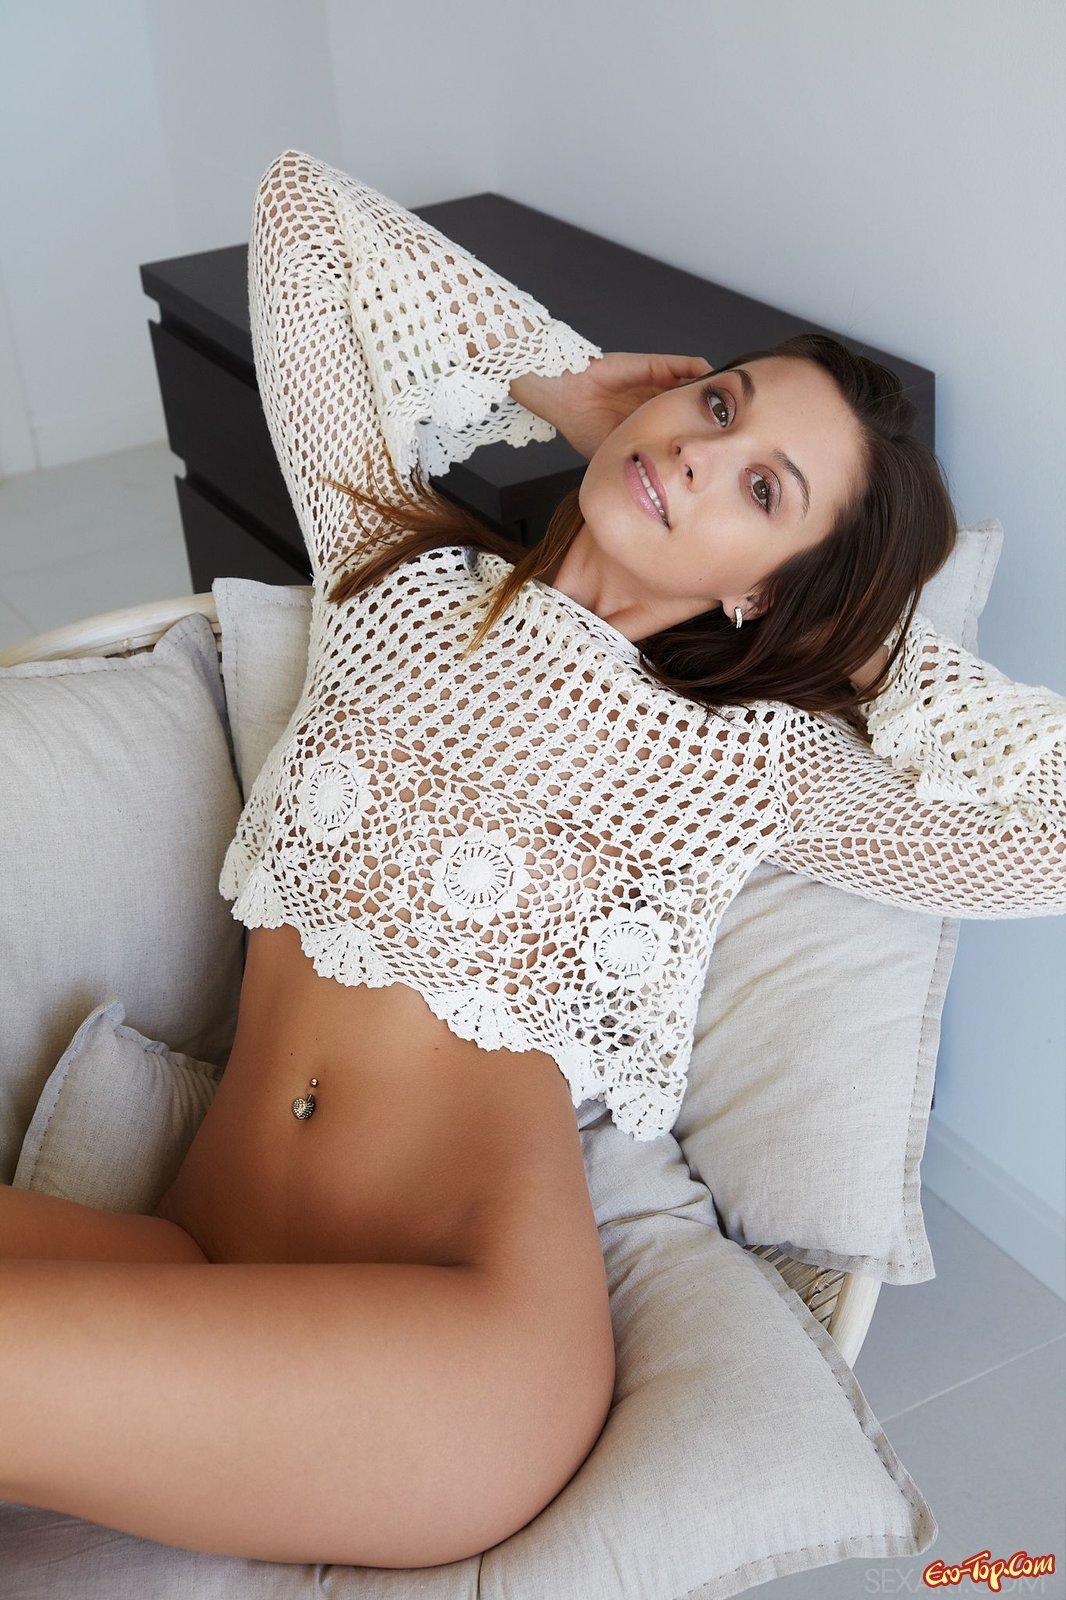 Фотомодель без нижнего белья засветила письку крупно секс фото